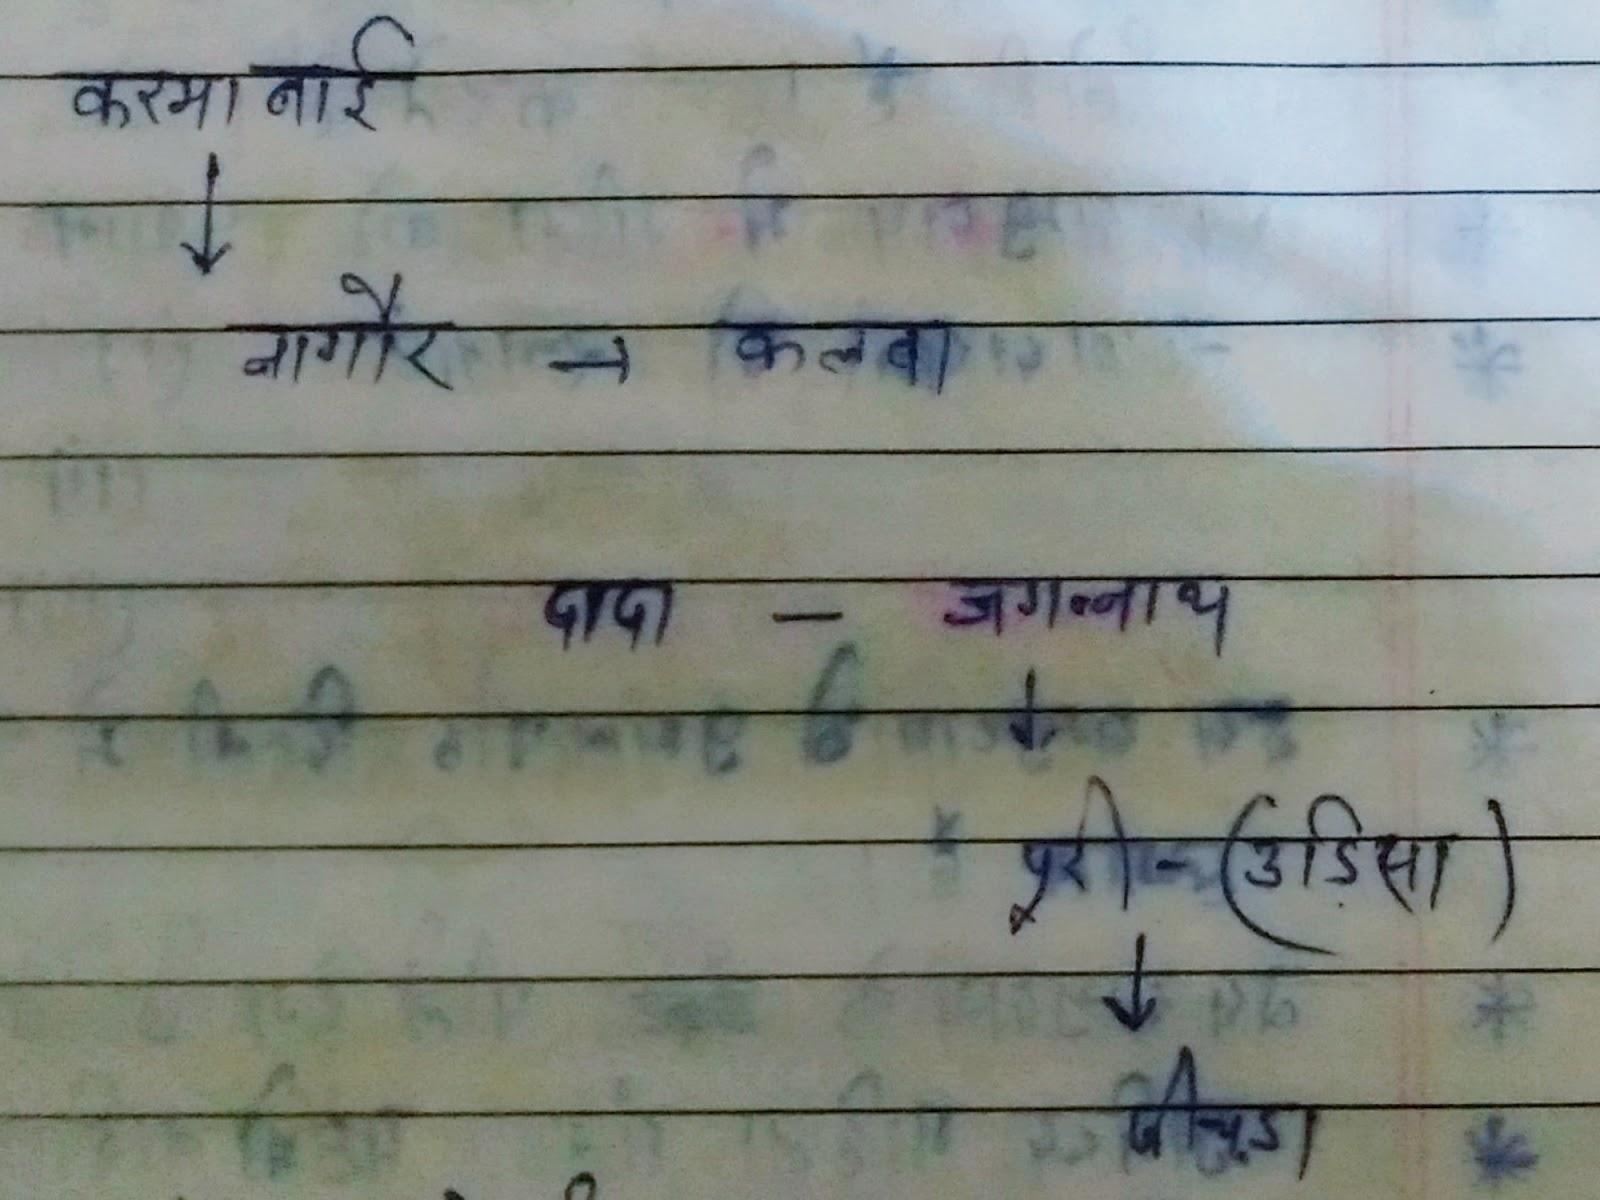 https://www.rajasthangkbygp.com/2020/02/rajasthan-ke-pramukh-sant-sampraday.html